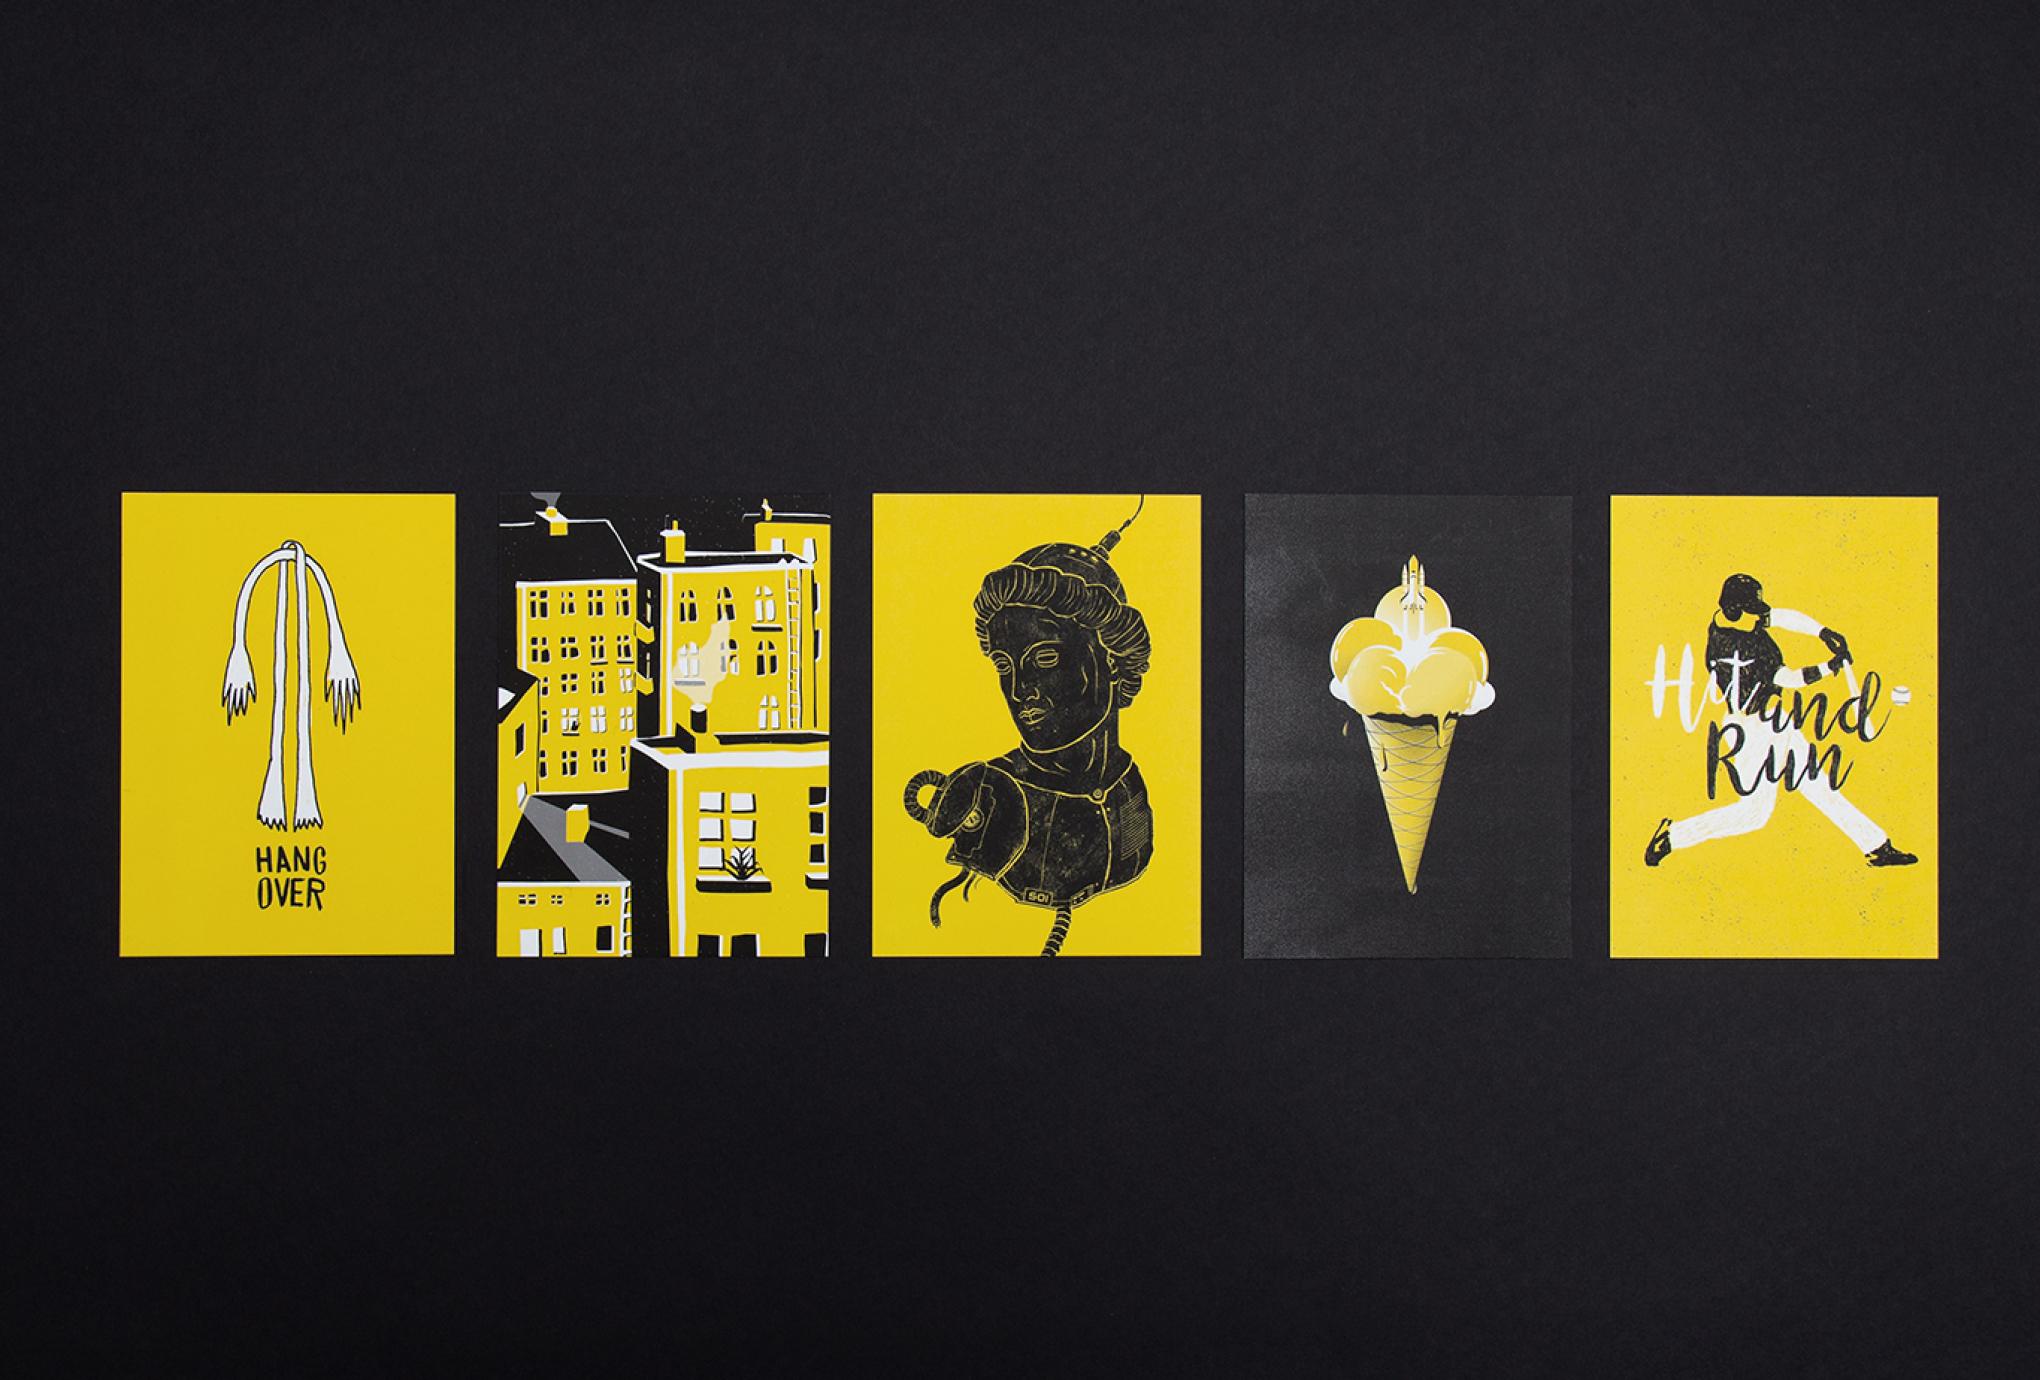 Set aus Illustrationen Hangover (Arme und Beine), Hinterhof, Büste, Roboter, Eis, Waffel, Rakete, Start, Hit and Run, Baseball. Diese schwarz, weiß und gelben Illustrationen entstanden für die Hilfsaktion 50/50 von den sons of ipanema einer Grafikagentur in Köln.